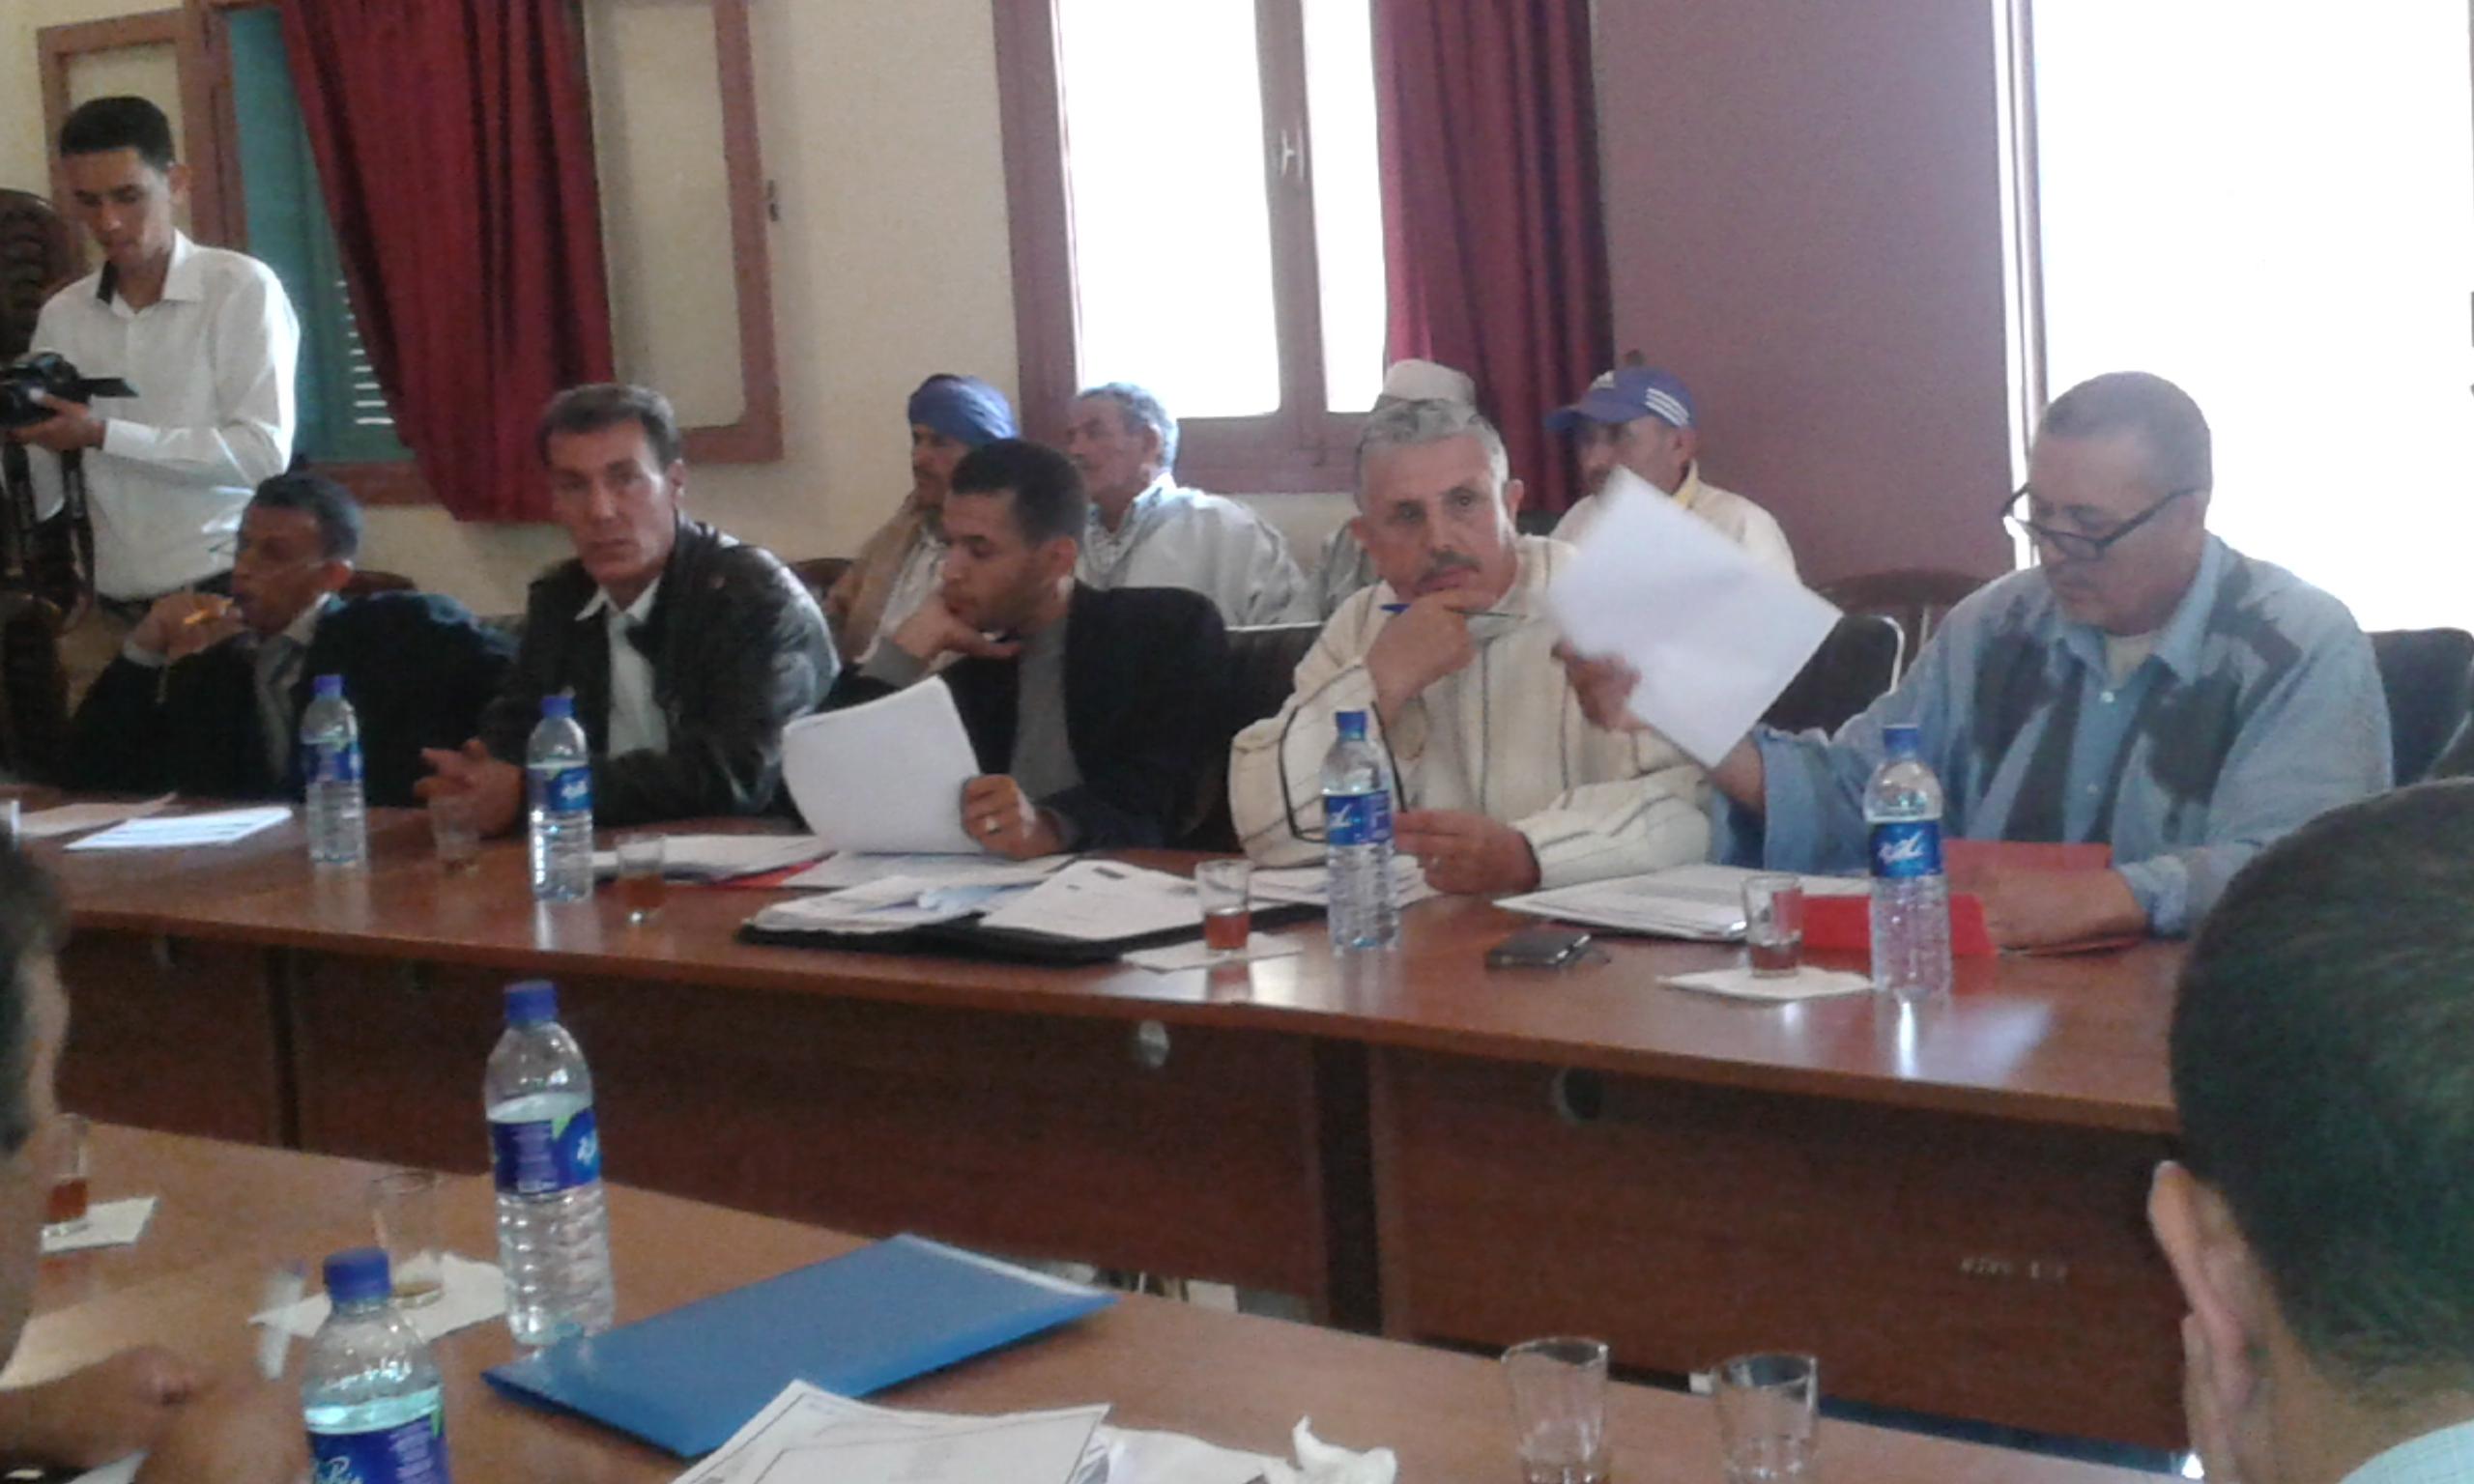 المجلس الجماعي لتيوغزة بإقليم سيدي إفني يعقد دورة أكتوبر العادية ويصادق على مجموعة من القرارات والاتفاقيات.